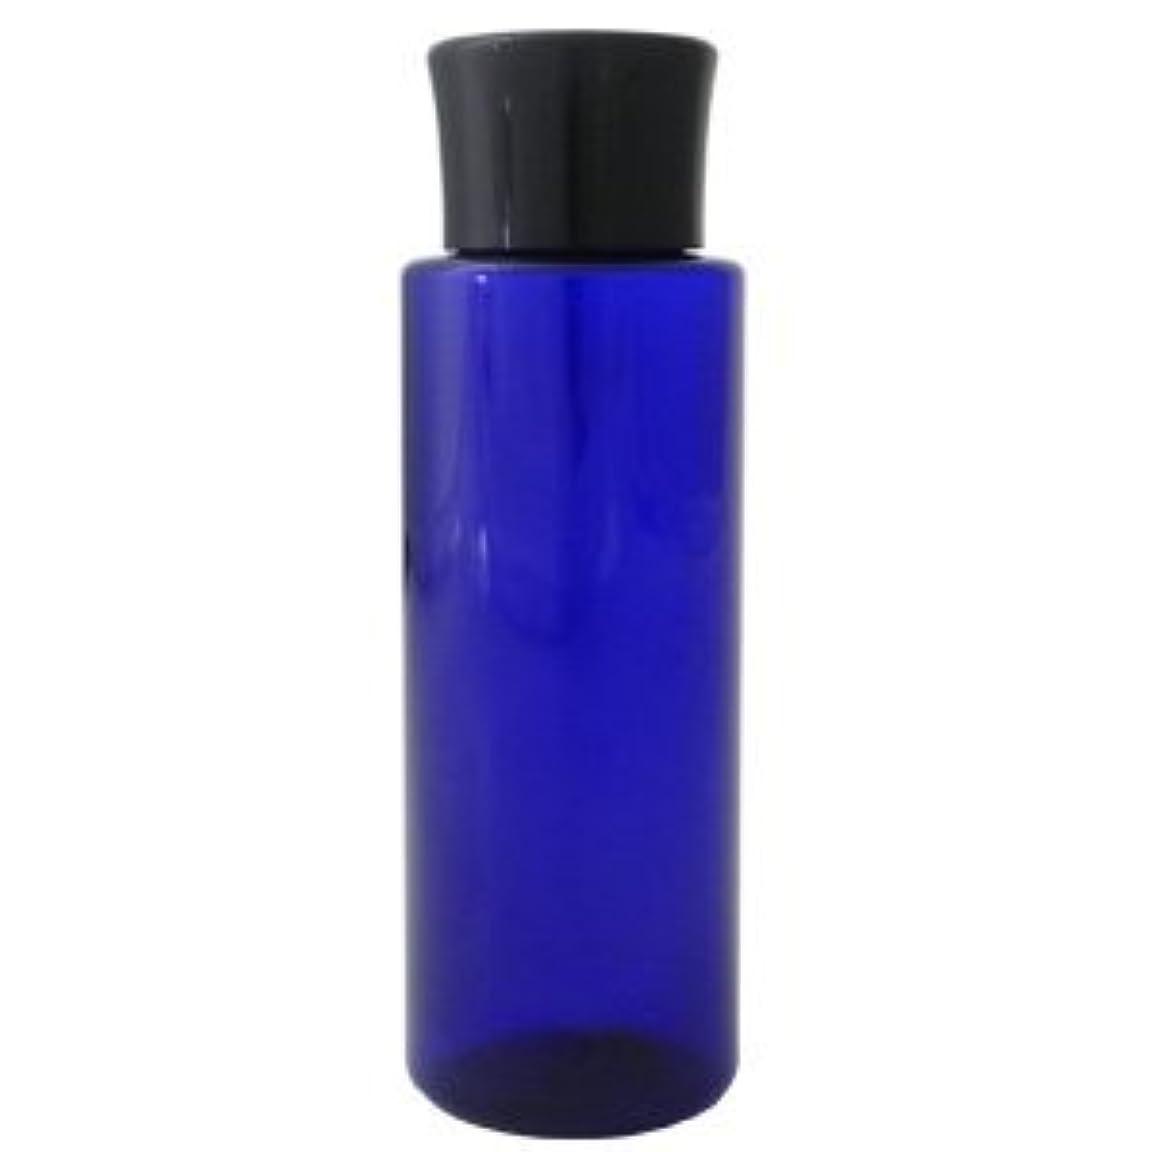 決して程度素朴なPETボトル コバルトブルー 青 100ml 化粧水用中栓